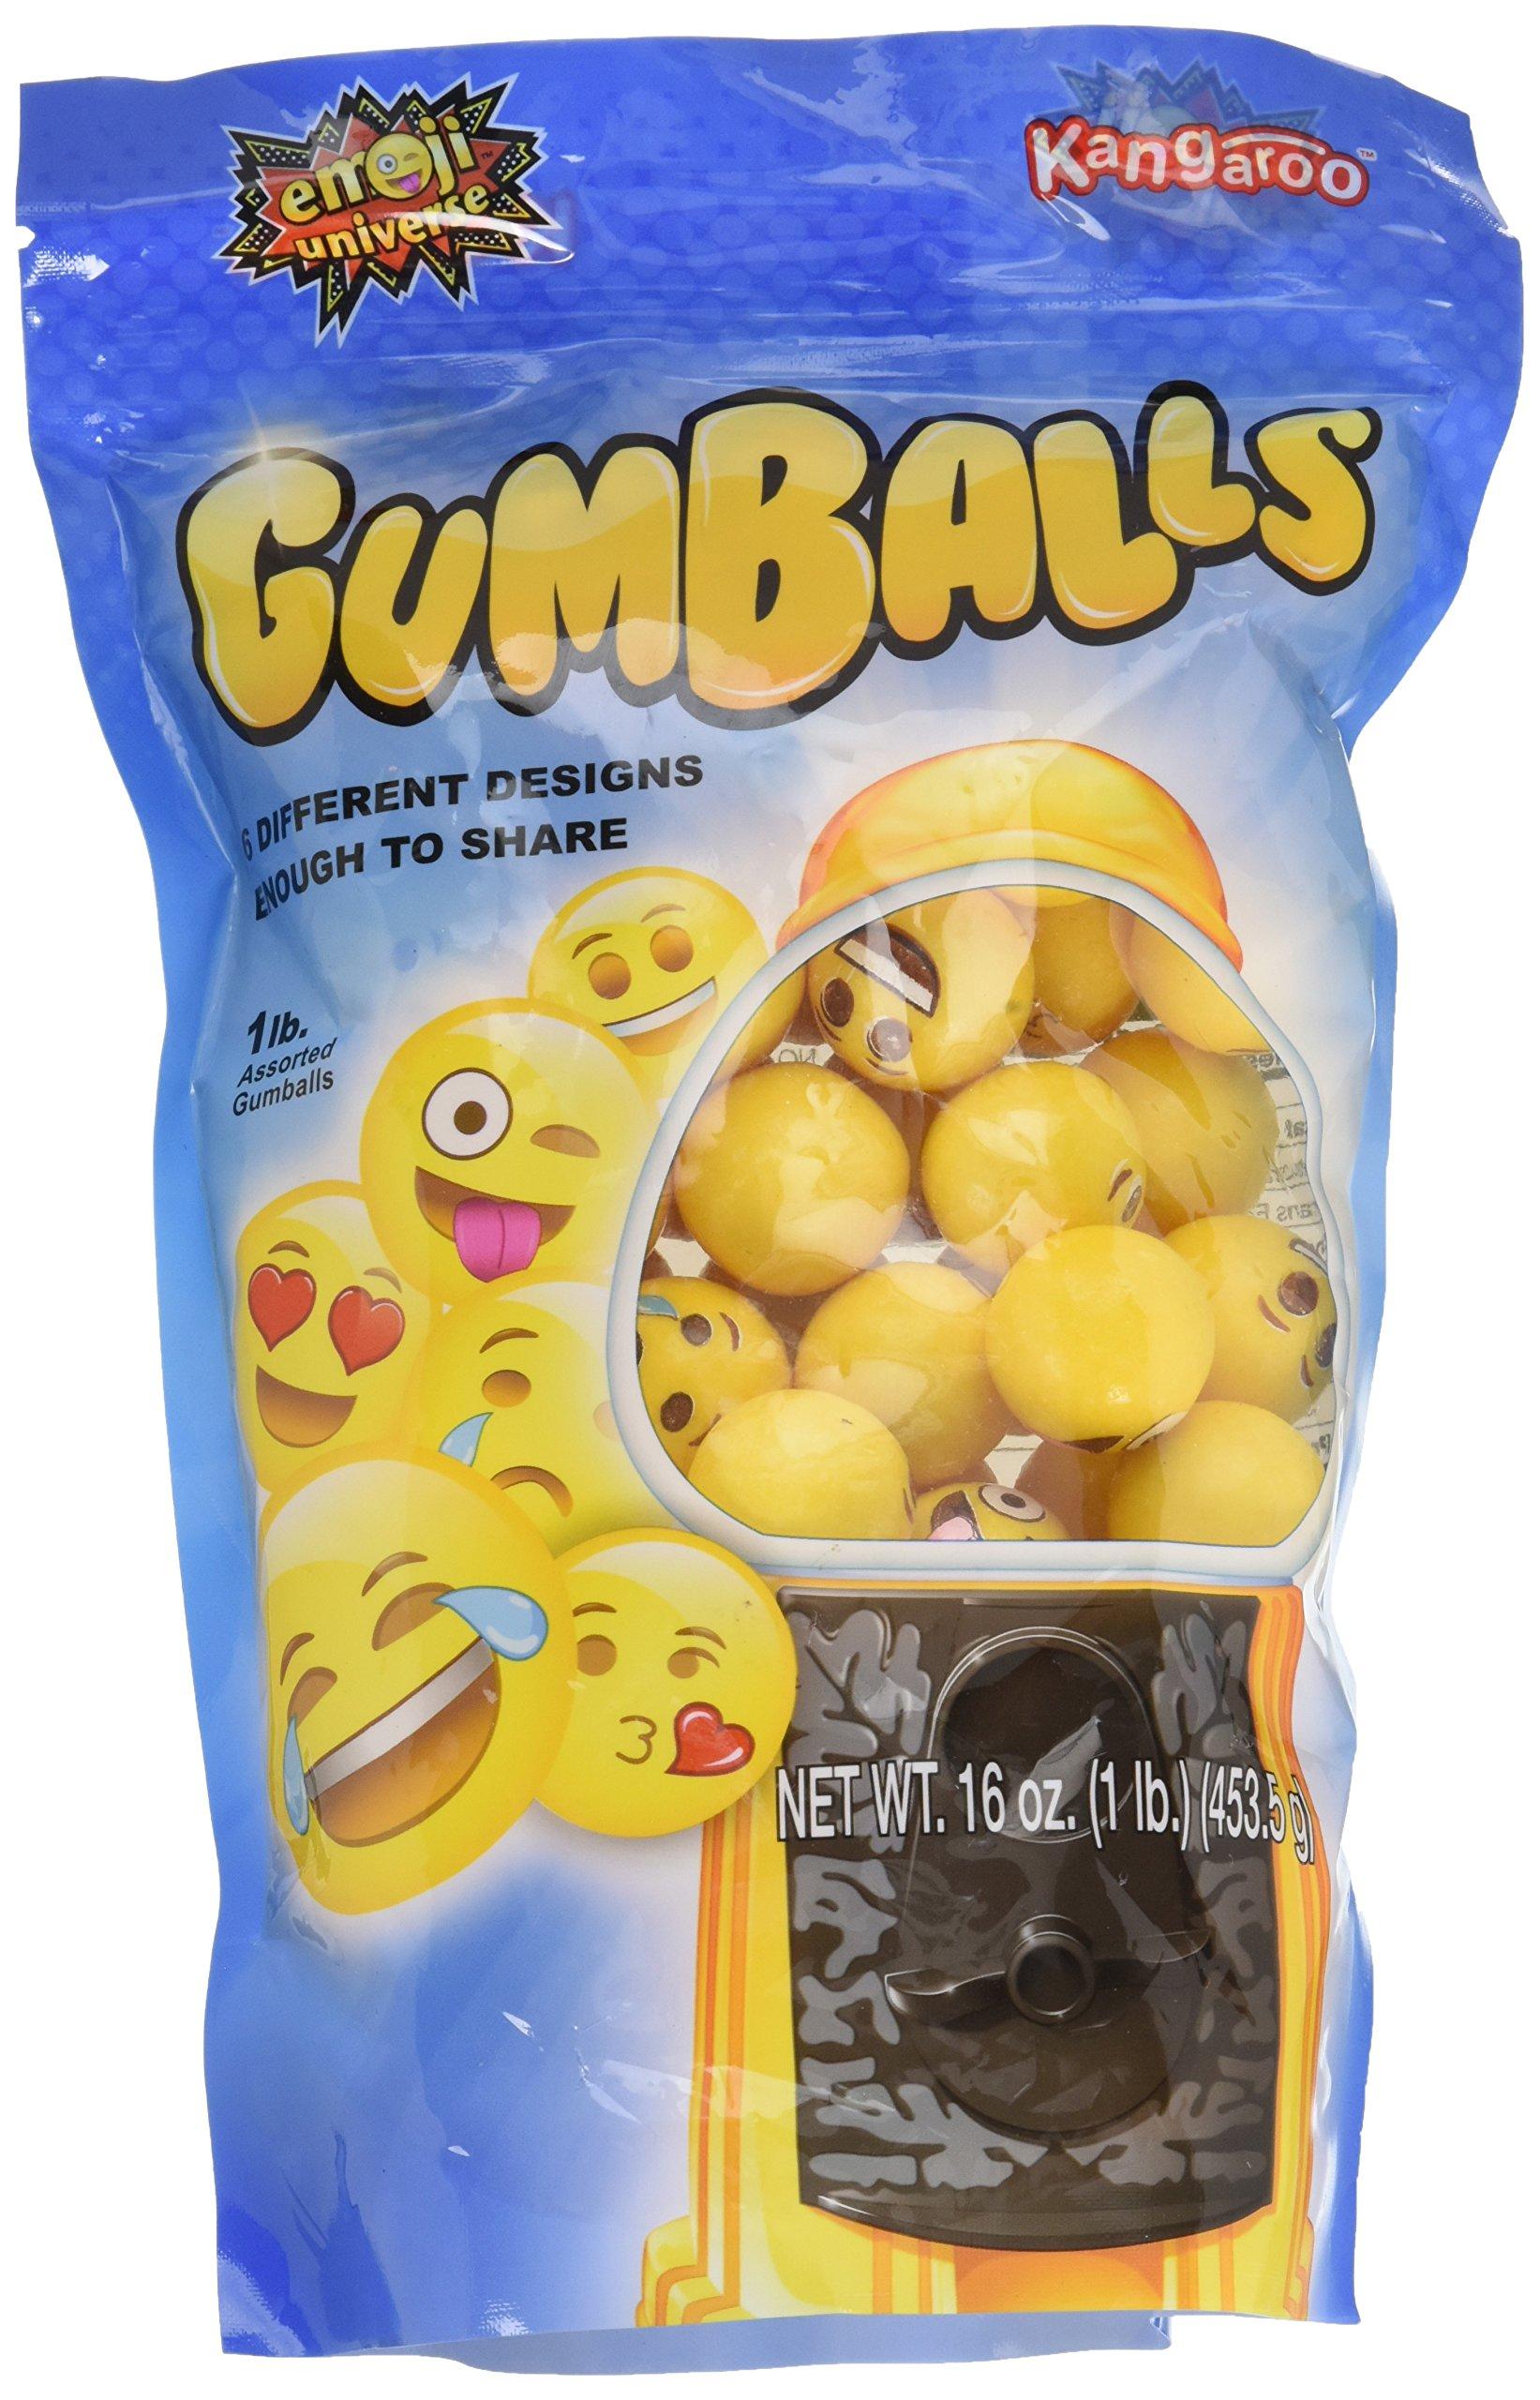 Pokupki customer account login/downloader - Emoji Universe Bag Of Emoji Gumball Refills 1 Lb Of Gumballs Bulk